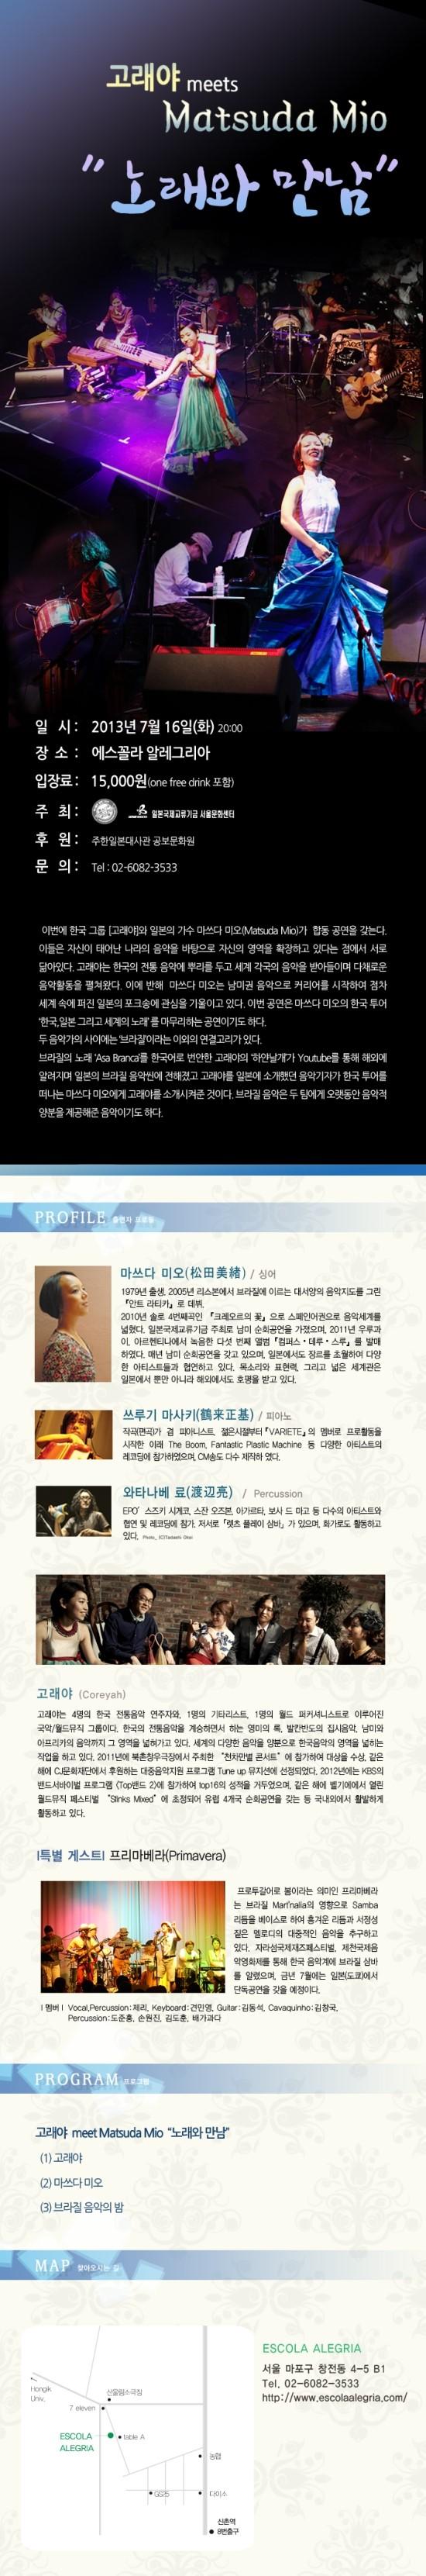 韓国ツアーへ行きます。_d0101430_13205156.jpg